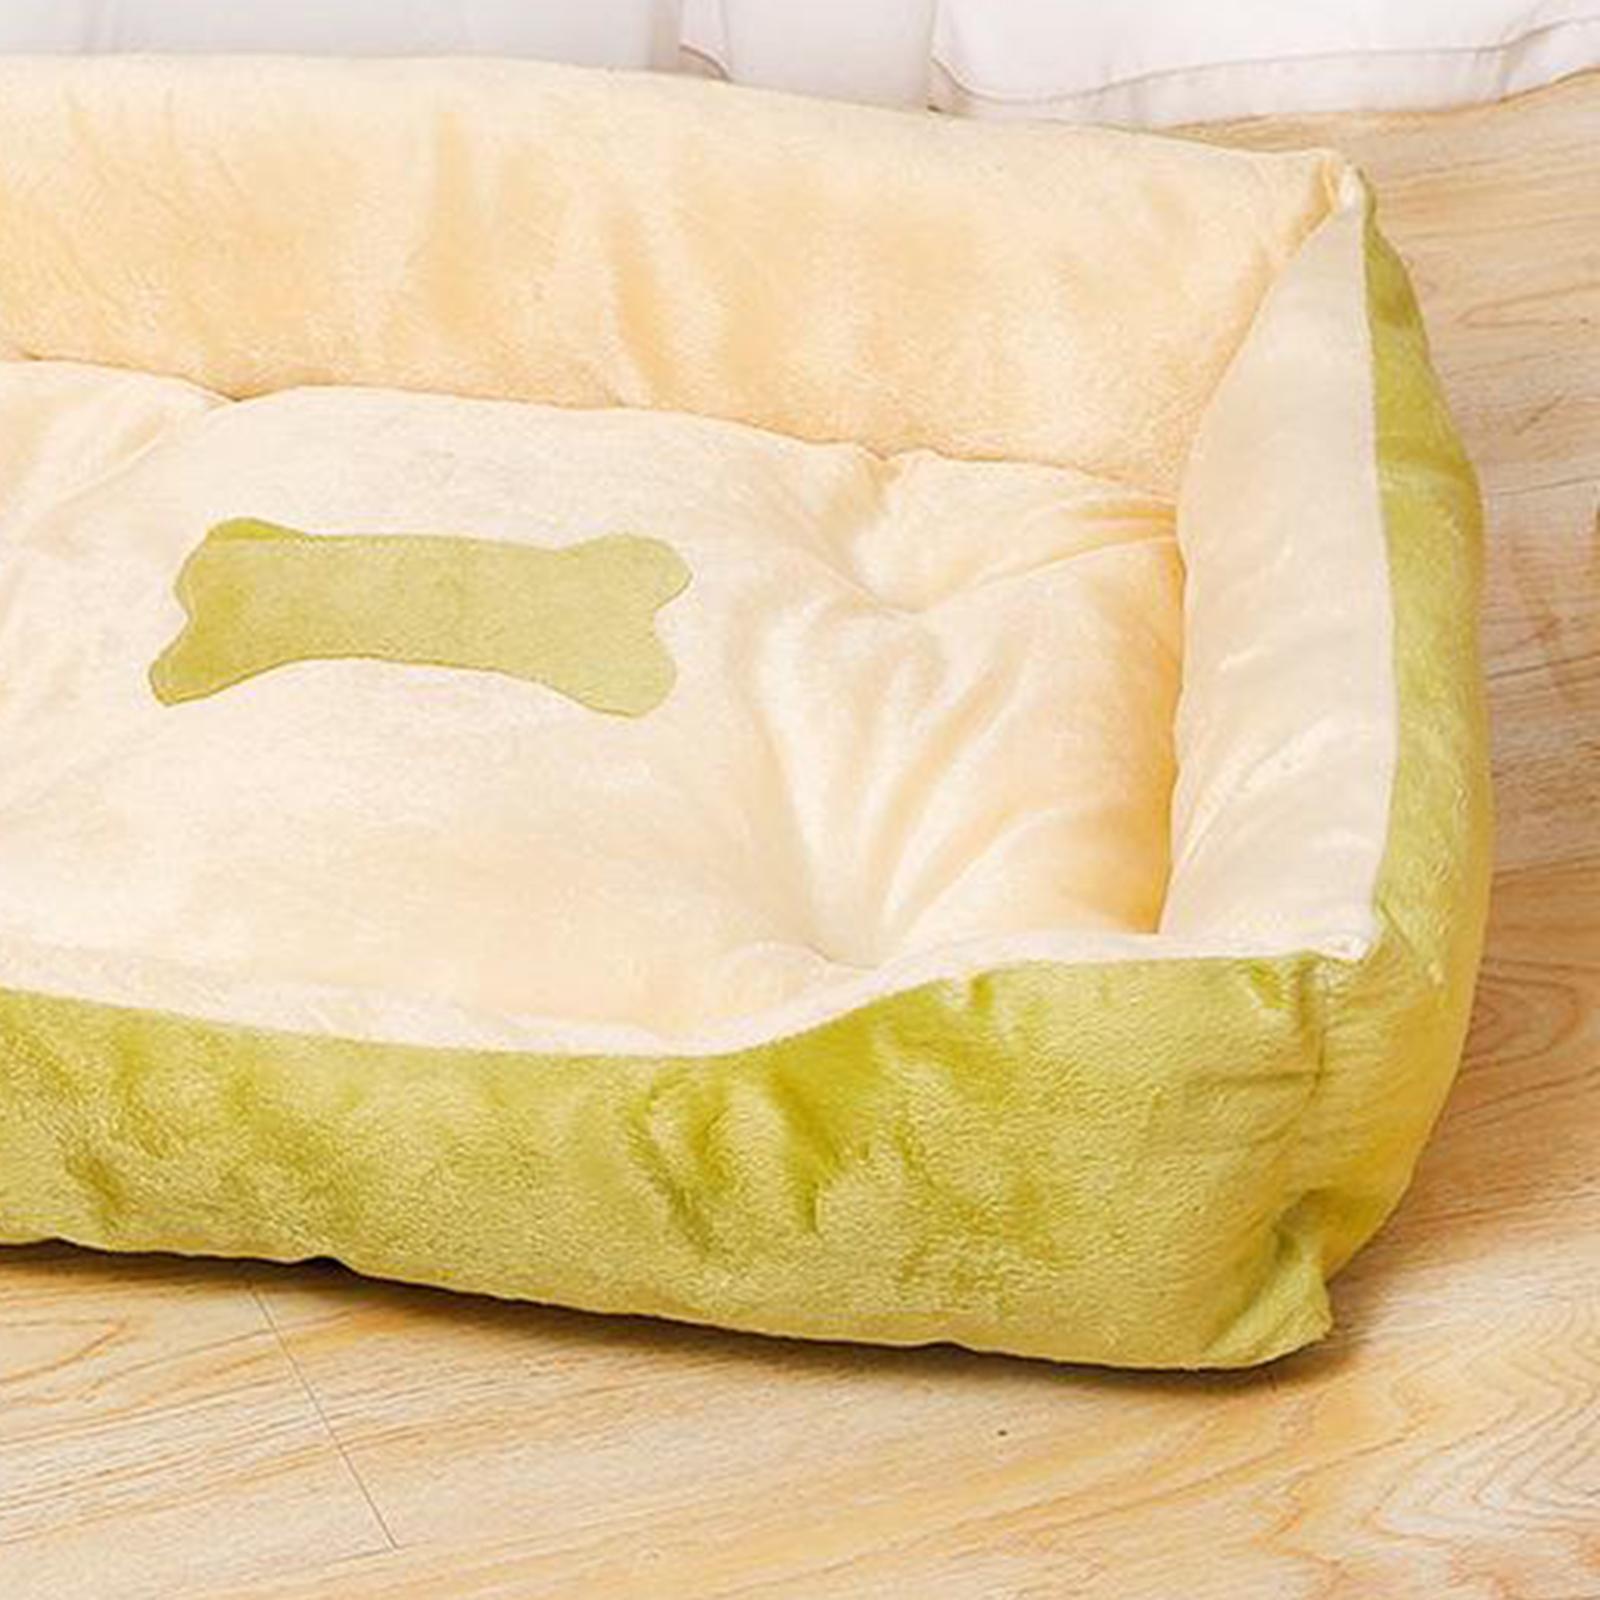 Indexbild 6 - Katze-Hund-Bett-Pet-Kissen-Betten-Haus-Schlaf-Soft-Warmen-Zwinger-Decke-Nest